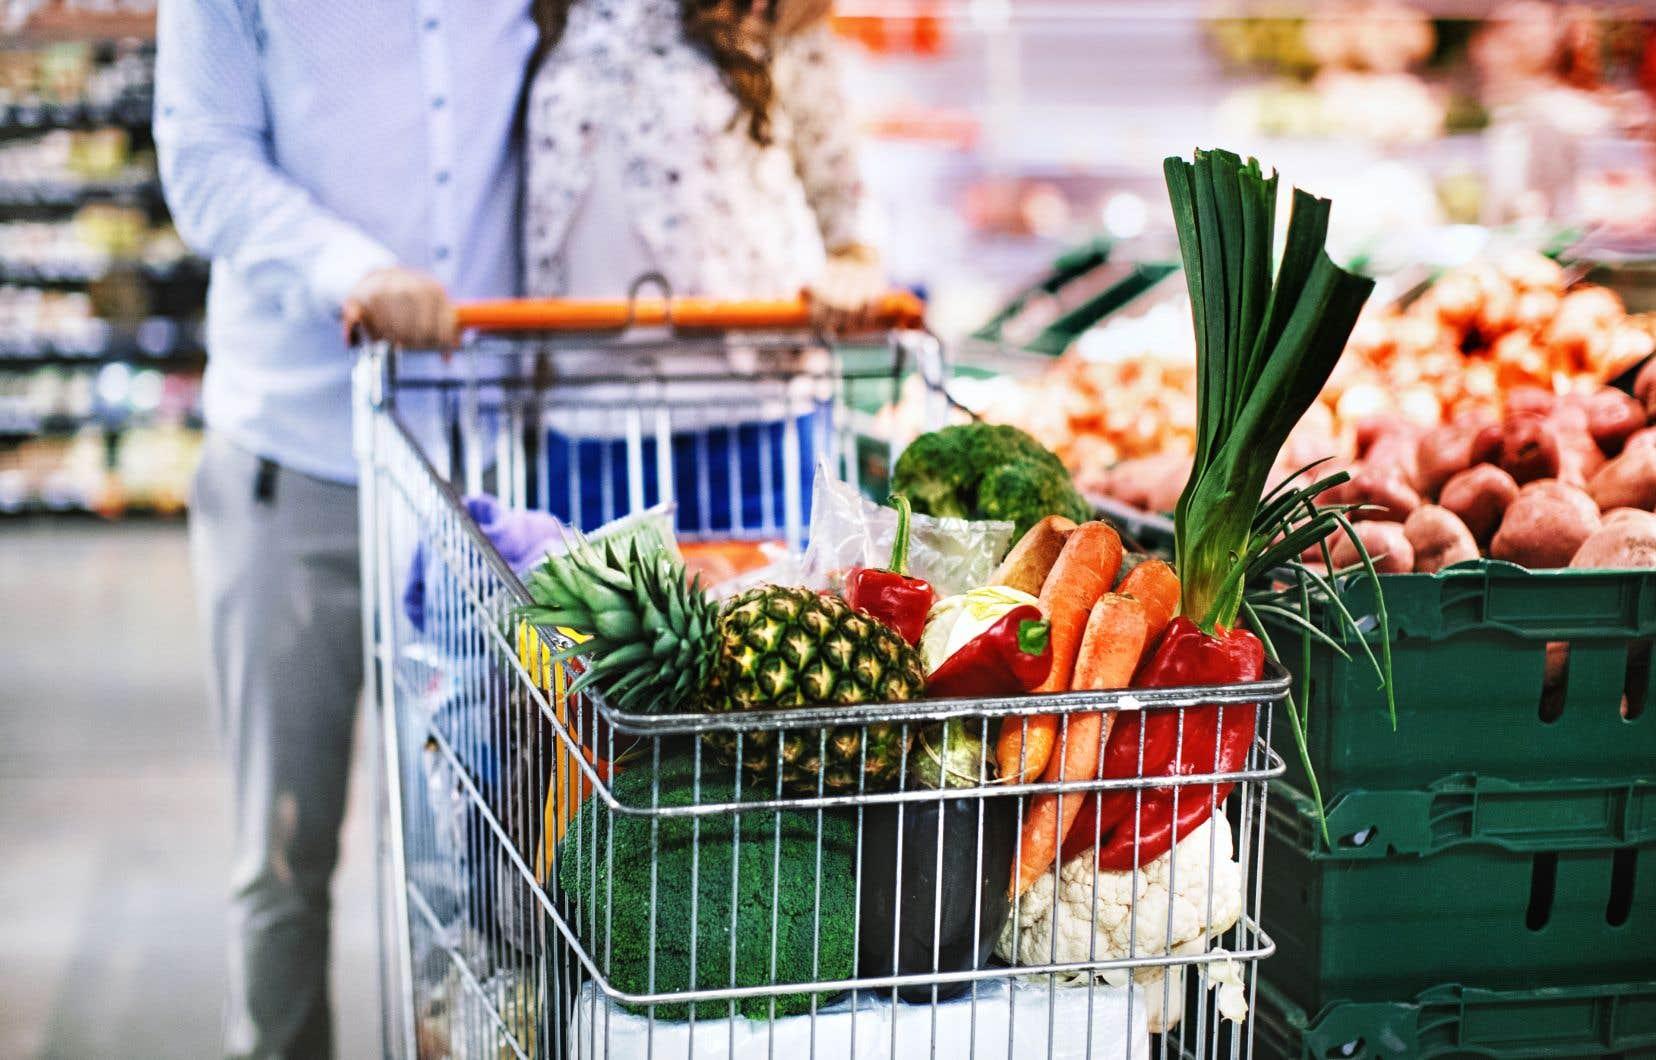 Pour un même fruit ou légume, l'empreinte carbone varie selon le type d'agriculture et le contexte géographique.